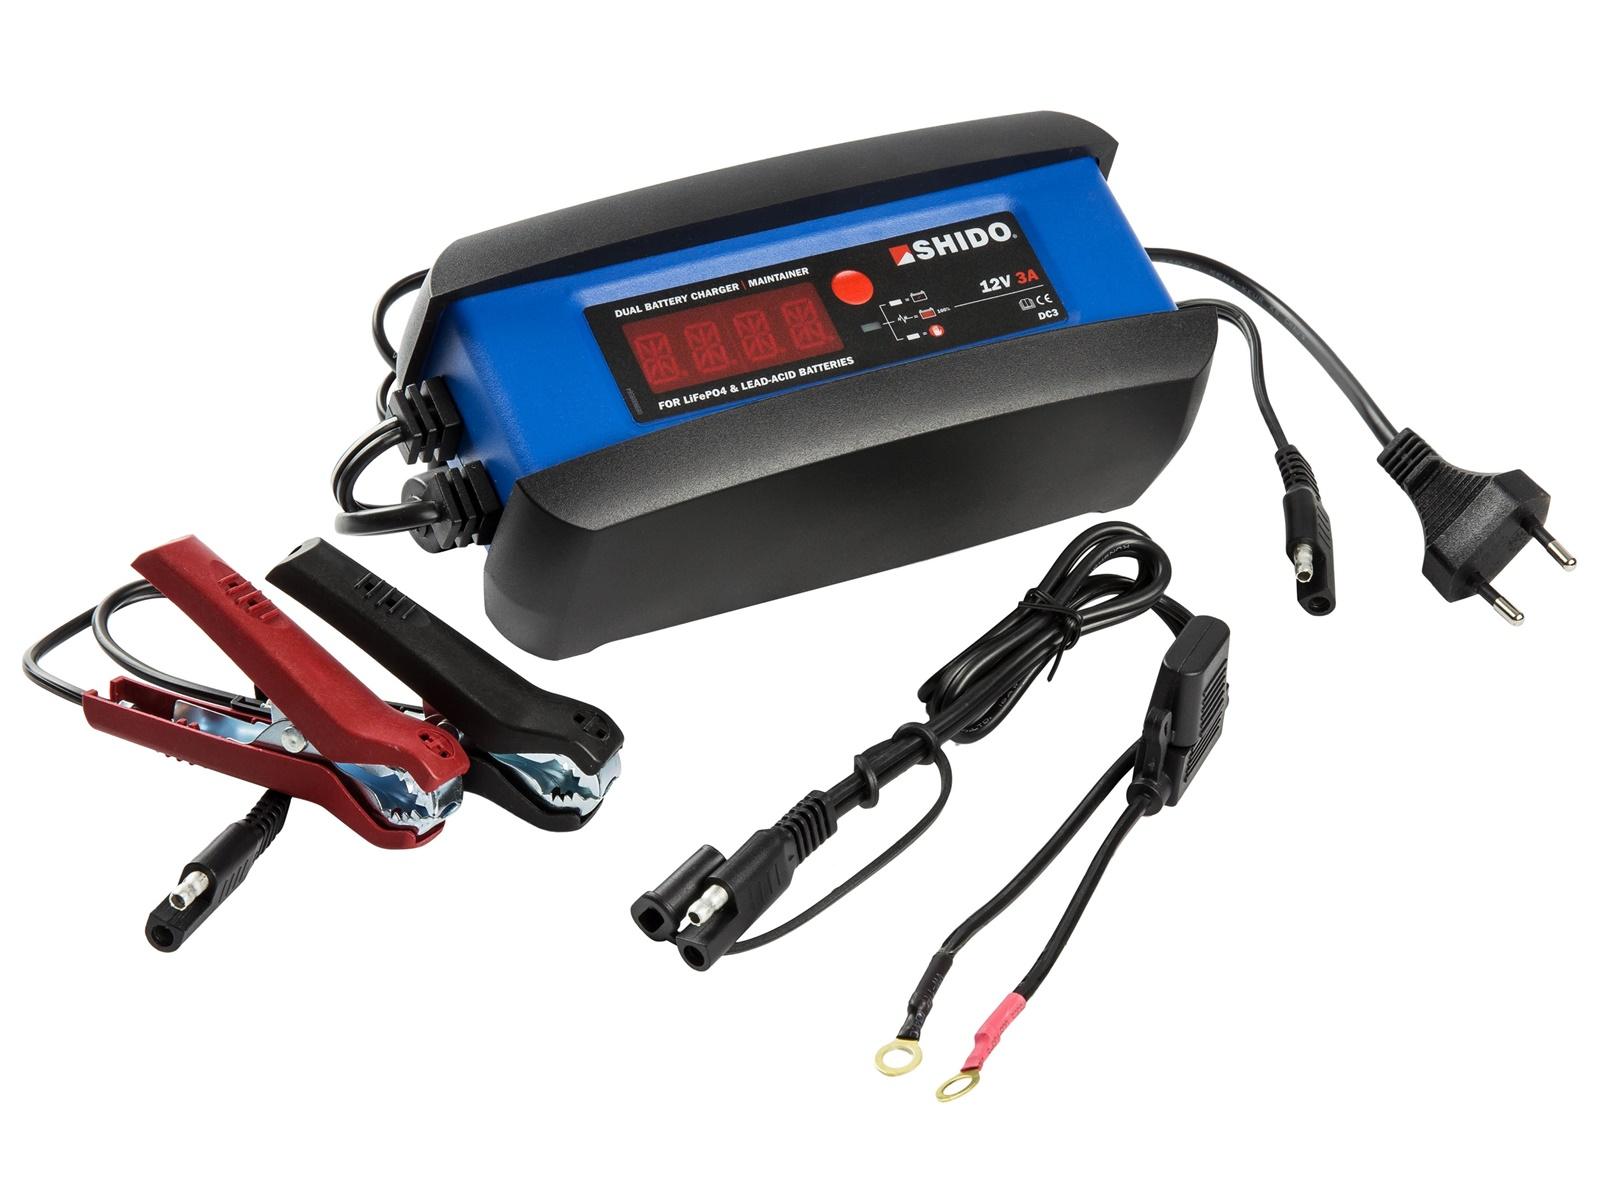 Shido DC3 Batterie Ladegerät für Lithium LIon LifePO4 AGM Gel mit Zubehör